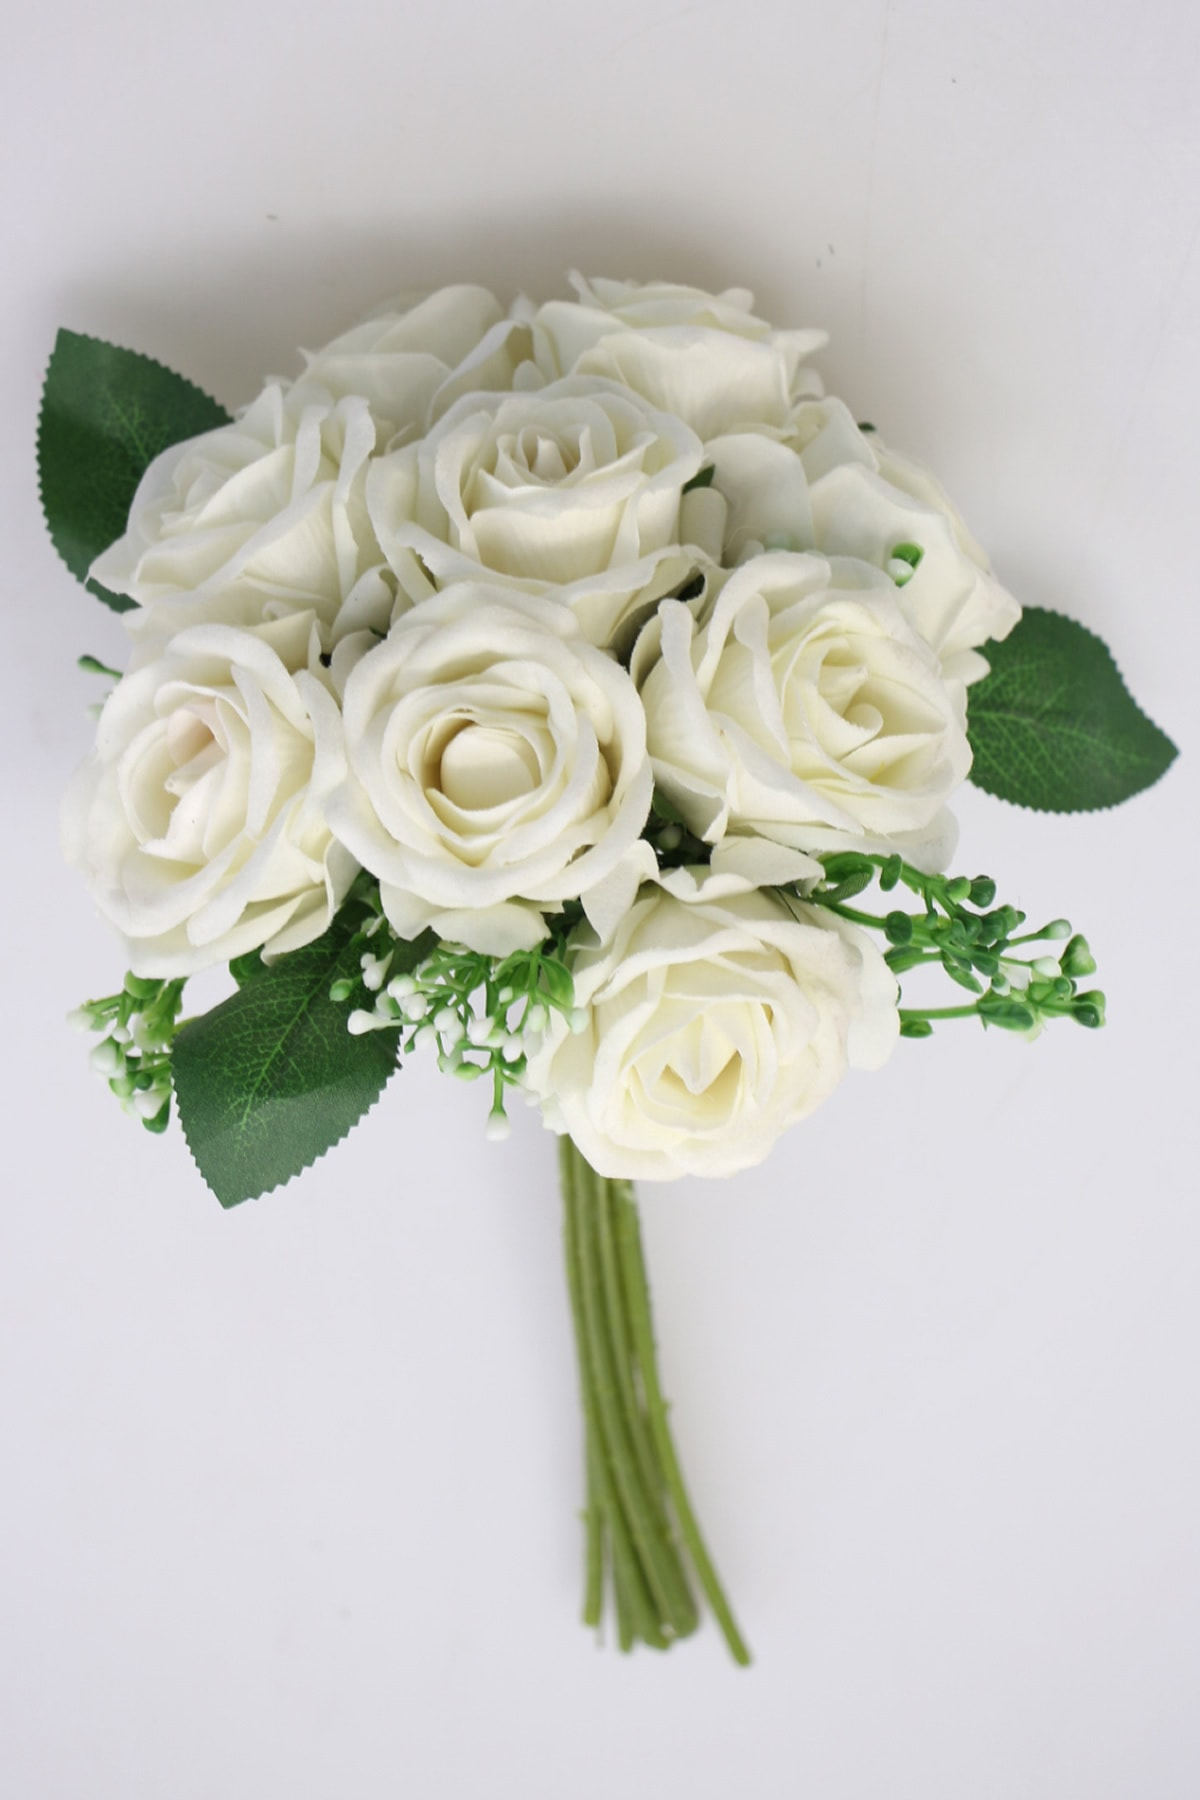 Beyaz Yapay Çiçek 9'lu Kaliteli Kadife Gül Demeti 27 cm